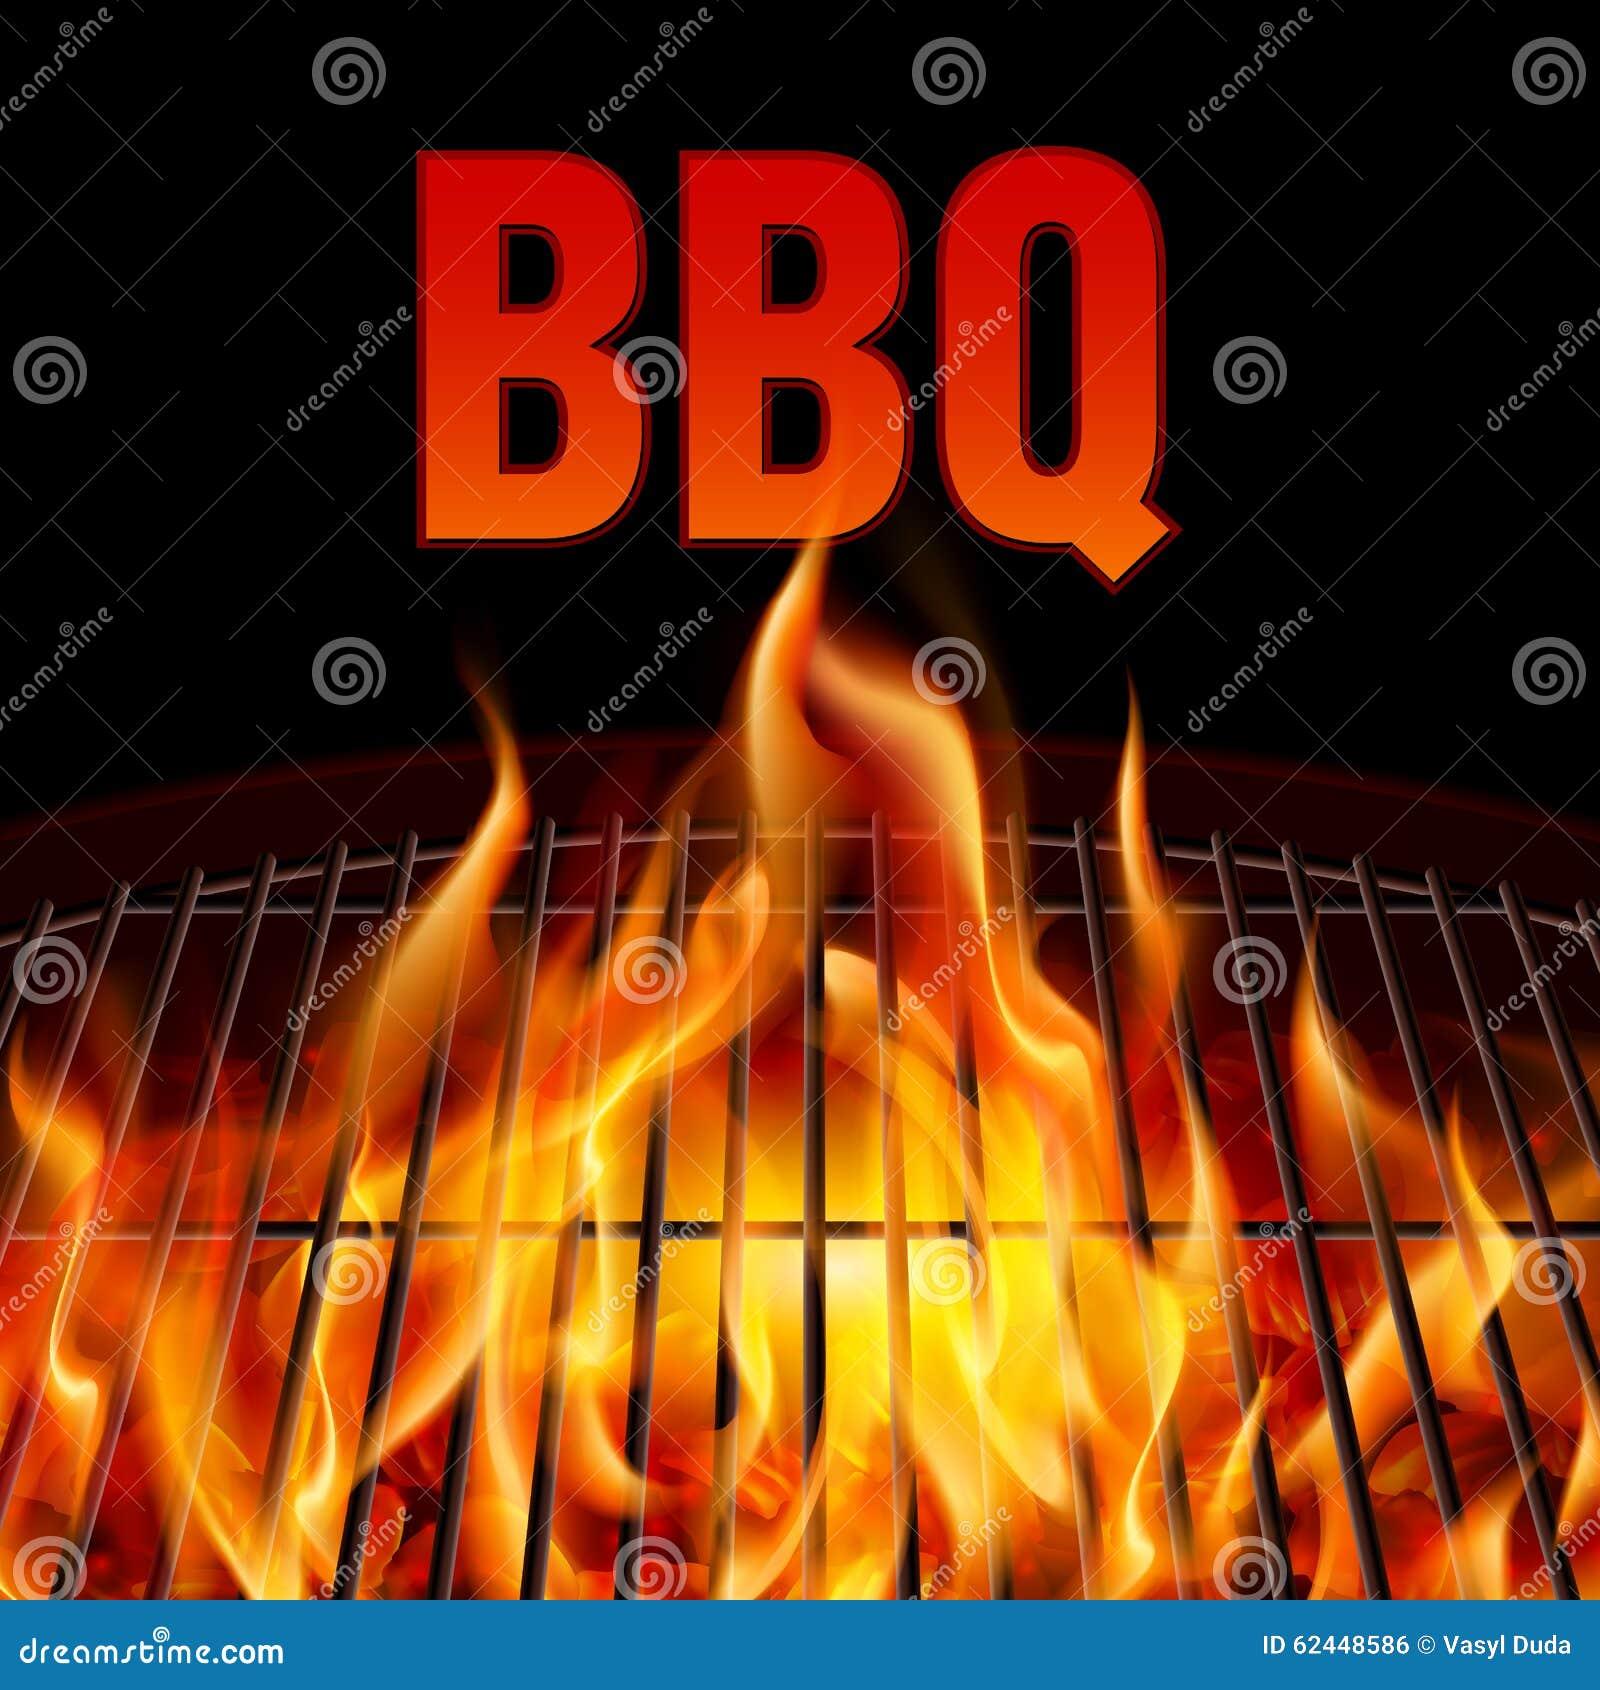 BBQ grillbrand